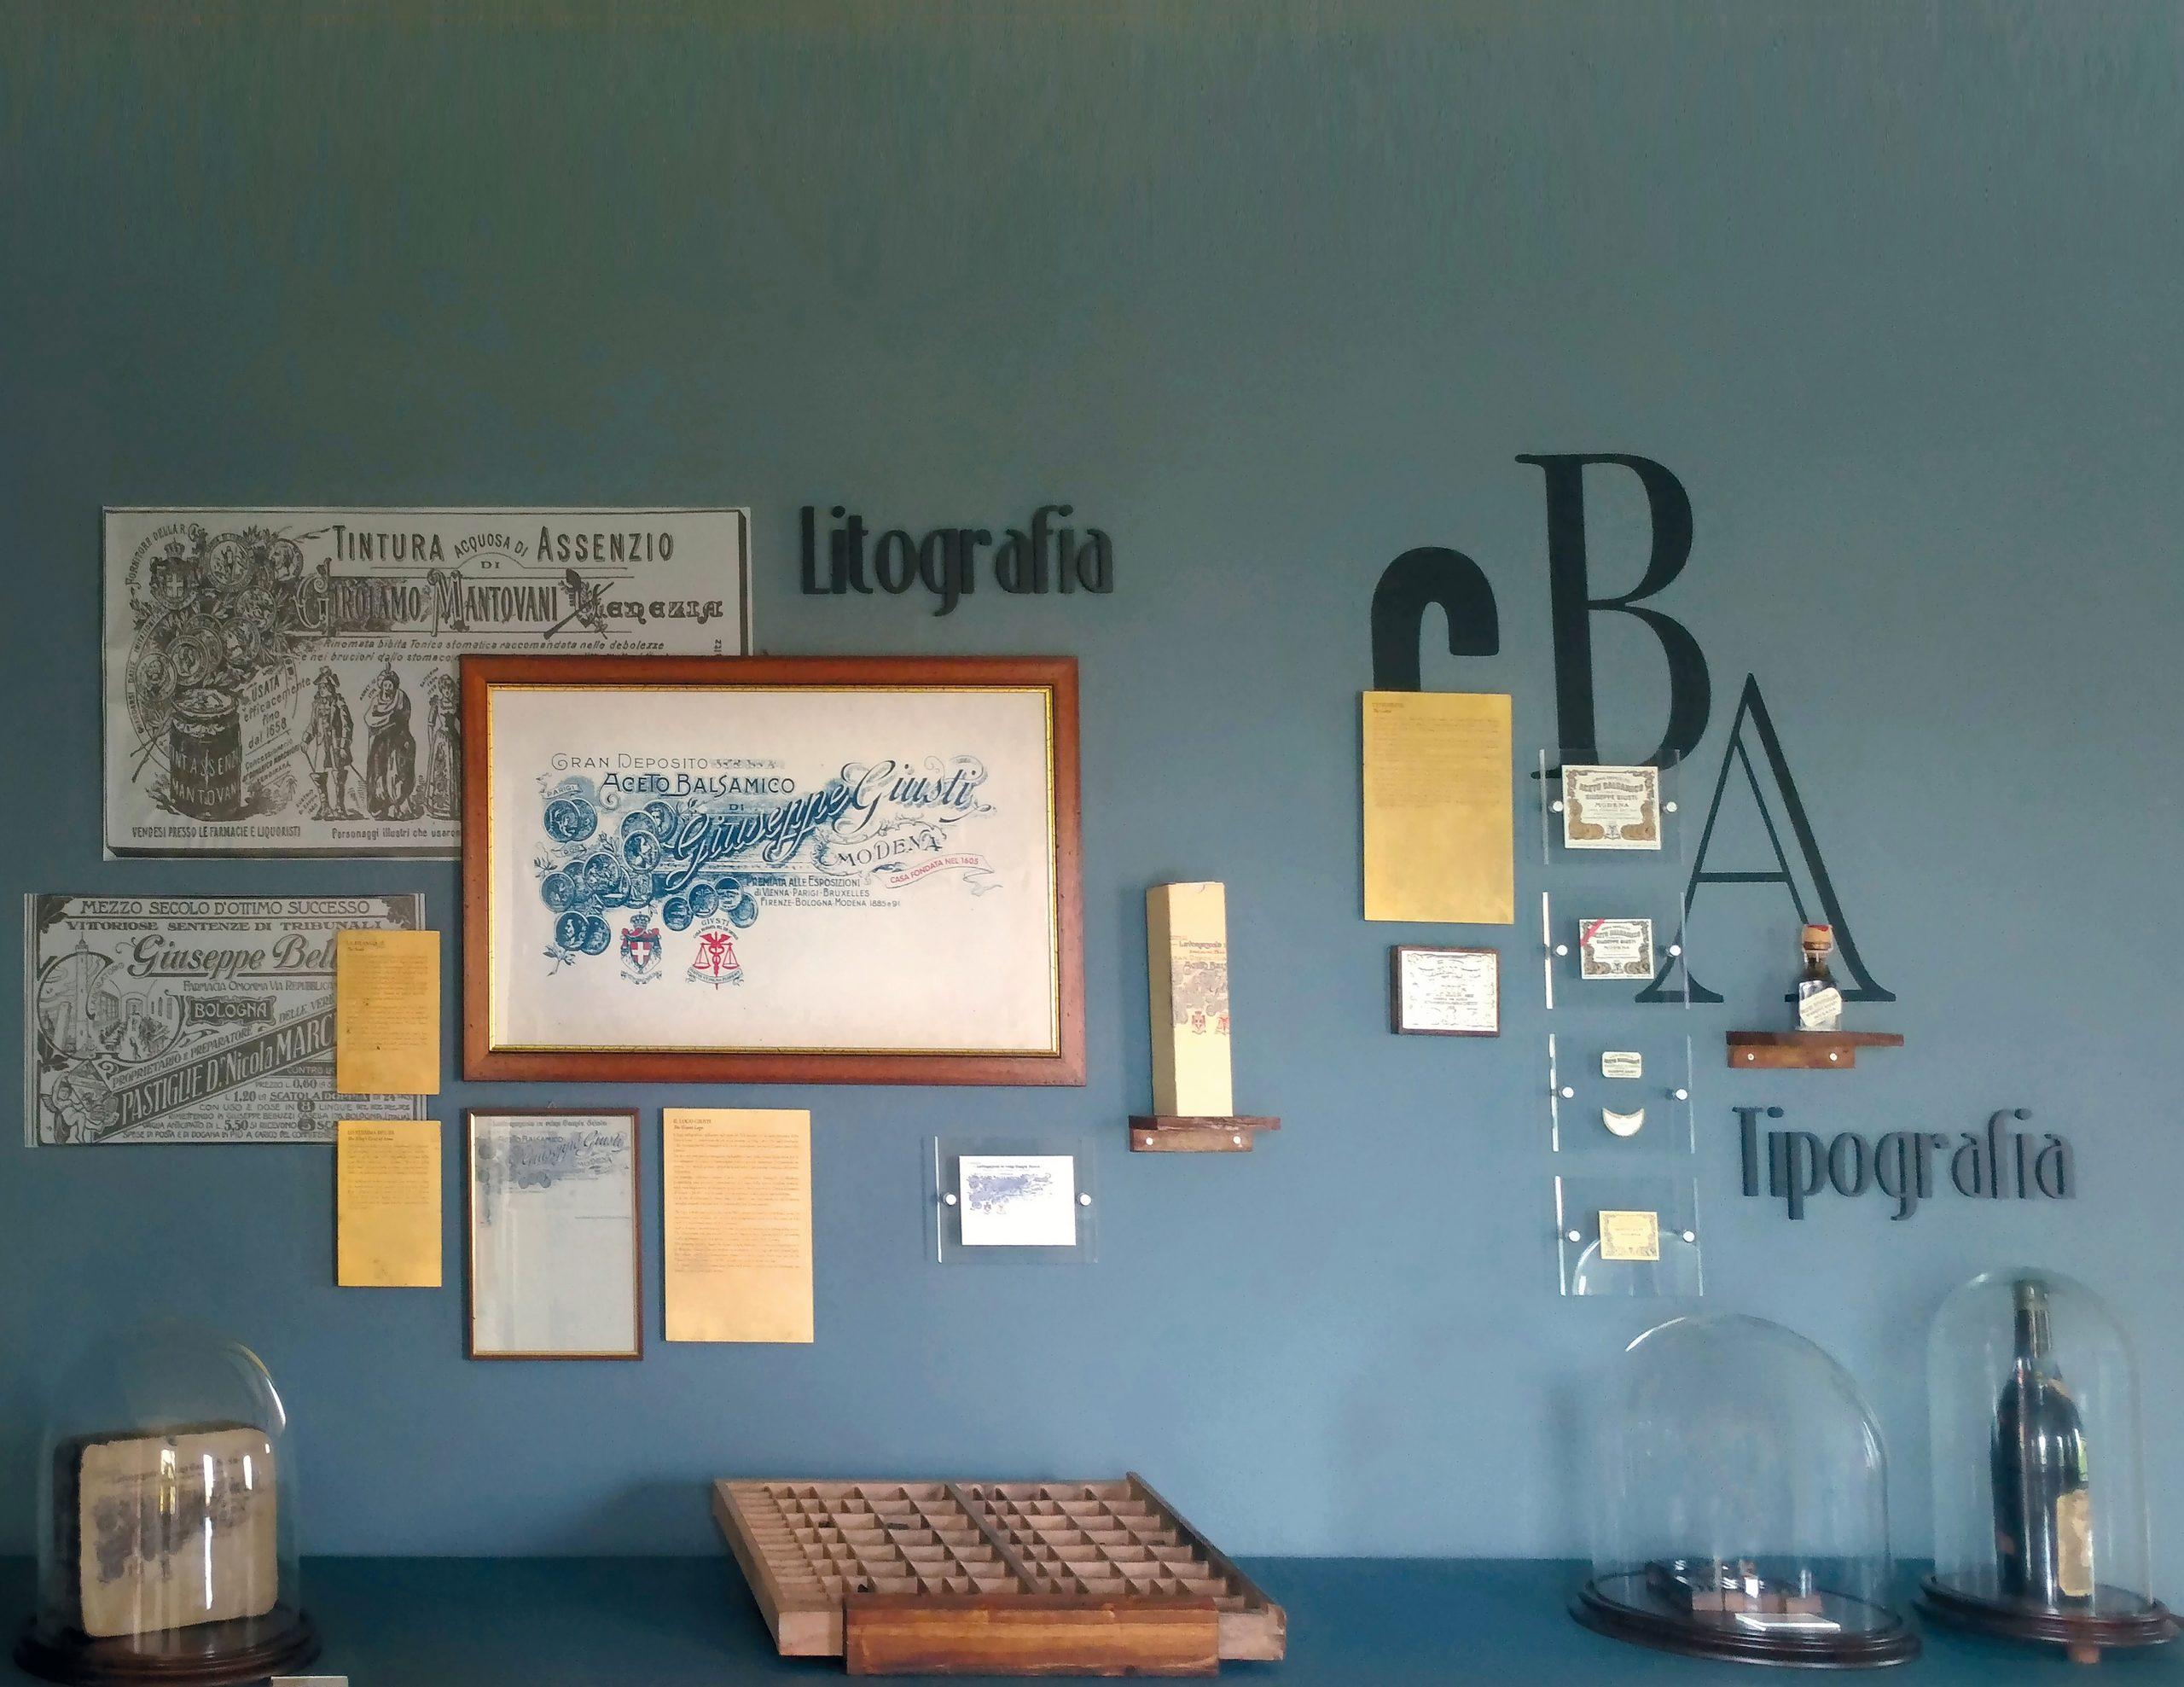 Prespaziati murali adesivi e vetrofanie adesive da muro